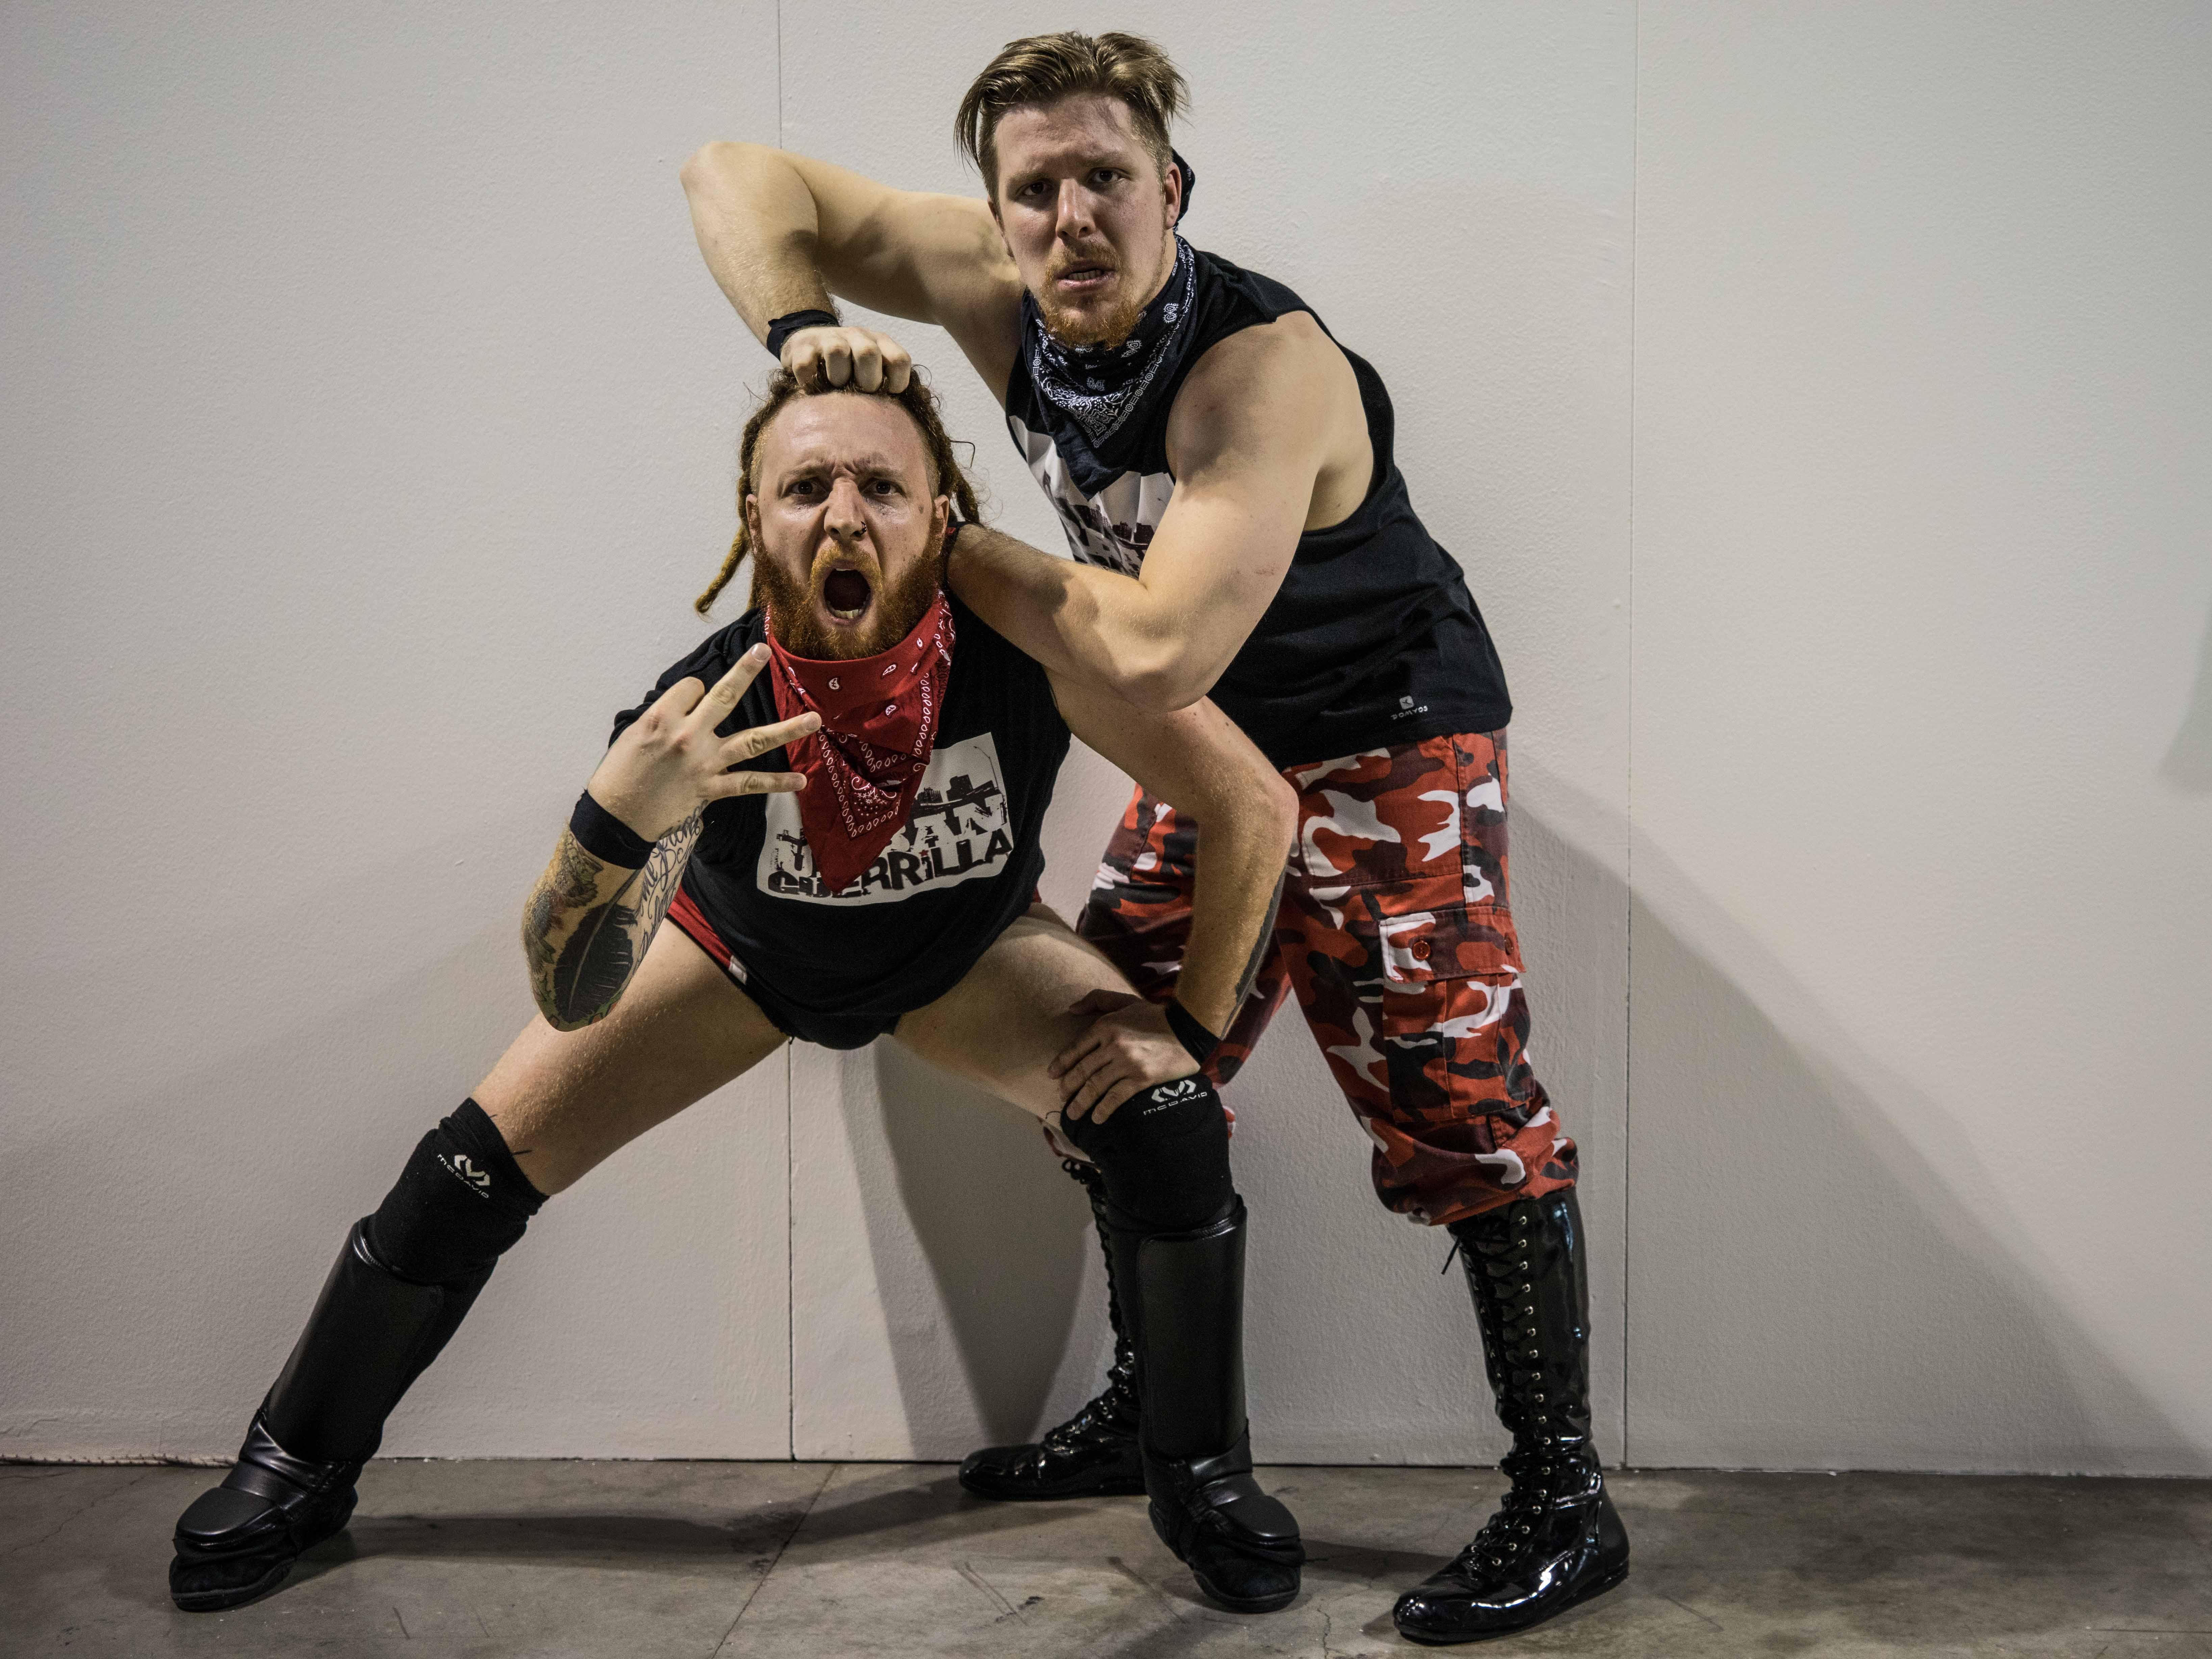 Dopo un grande match di coppia, gli Urban Guerrilla si riconfermano nuovamente campioni di Coppia. Chi riuscirà a fermare questo team?